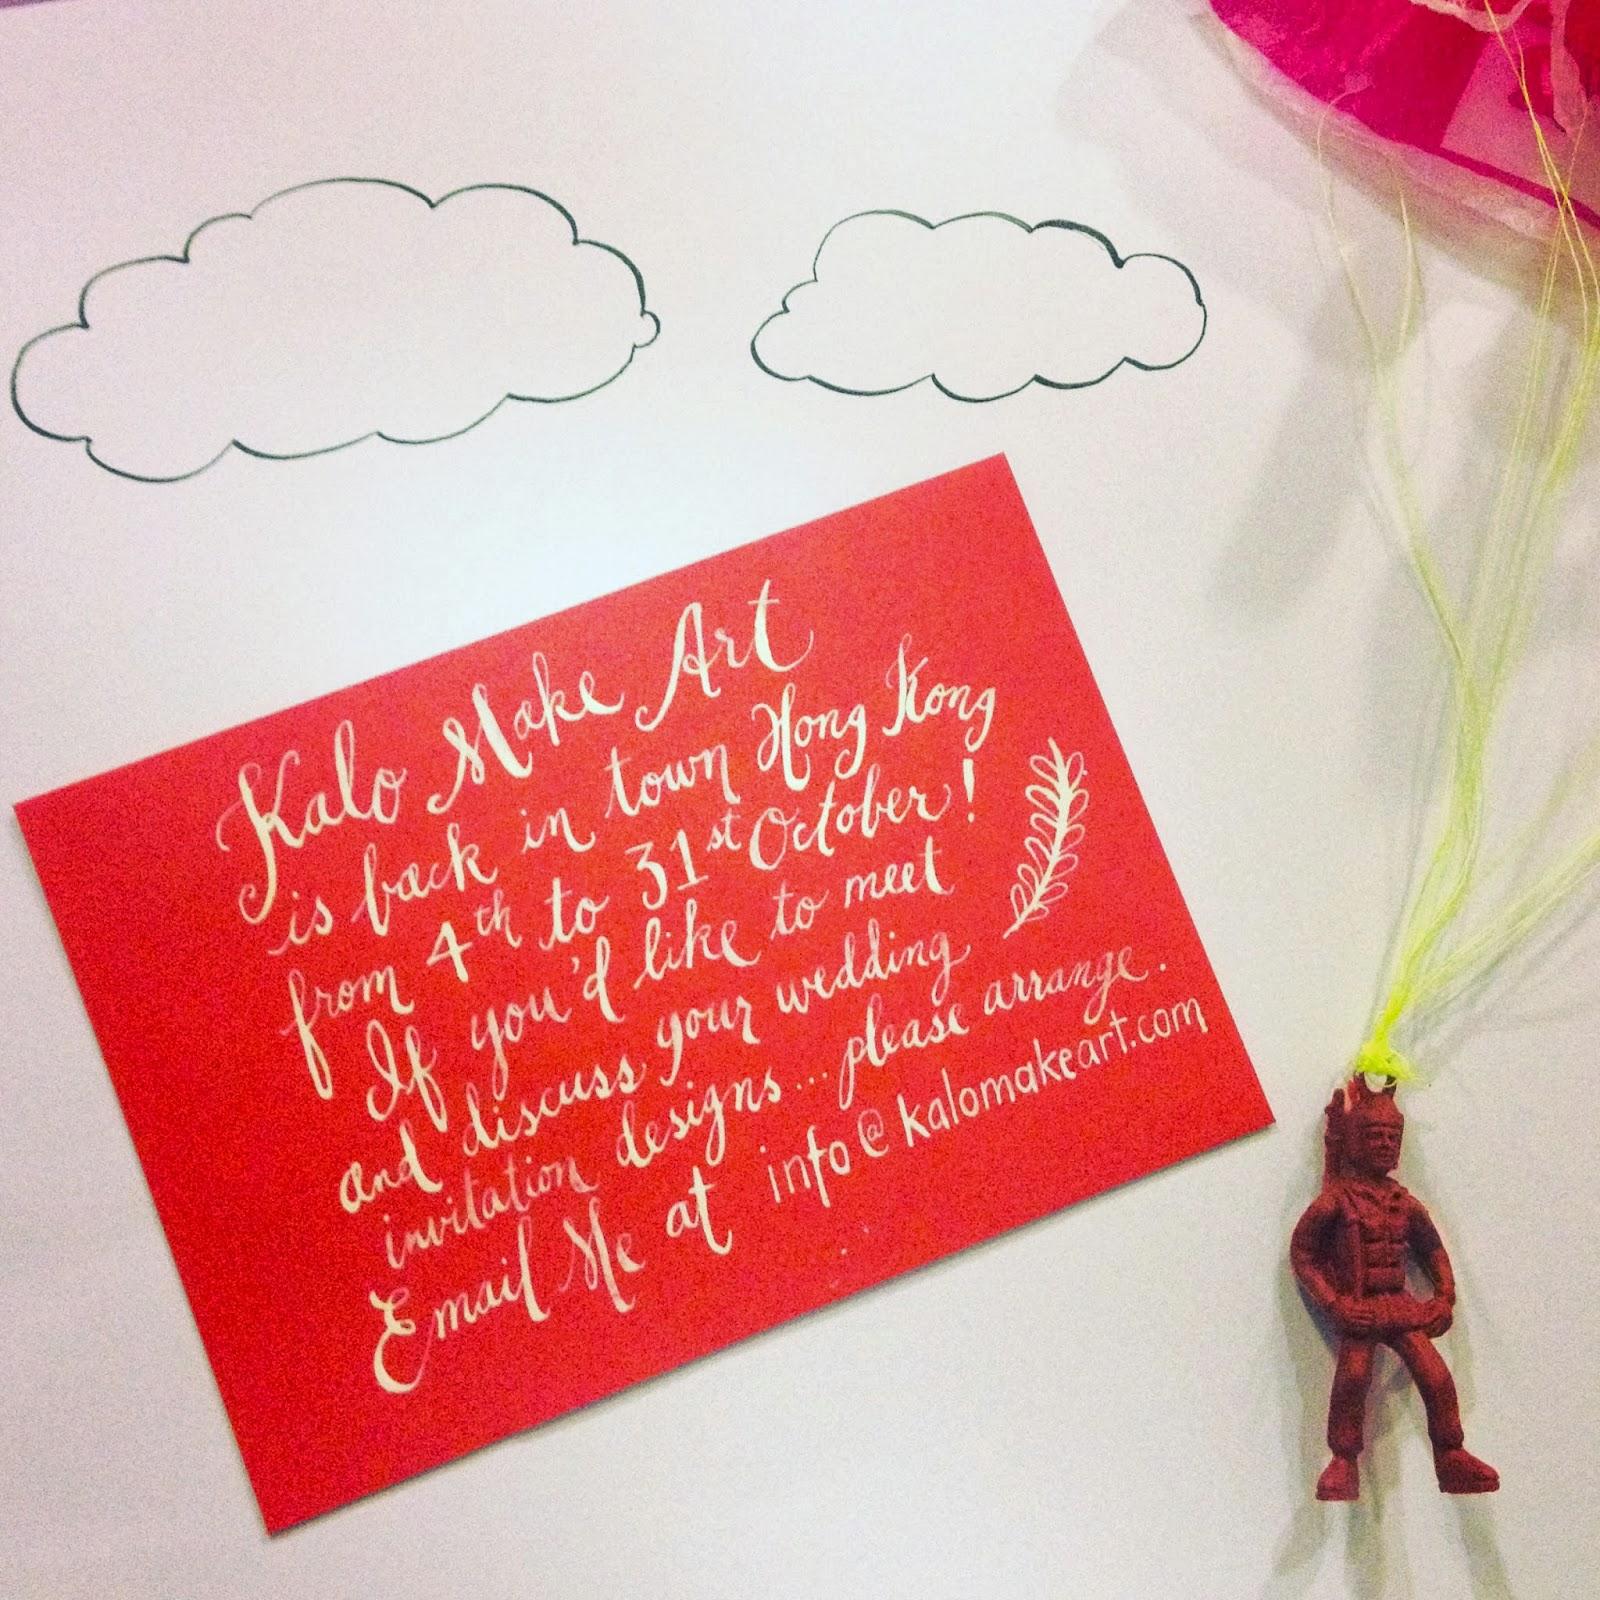 Kalo Make Art Bespoke Wedding Invitation Designs: September 2013